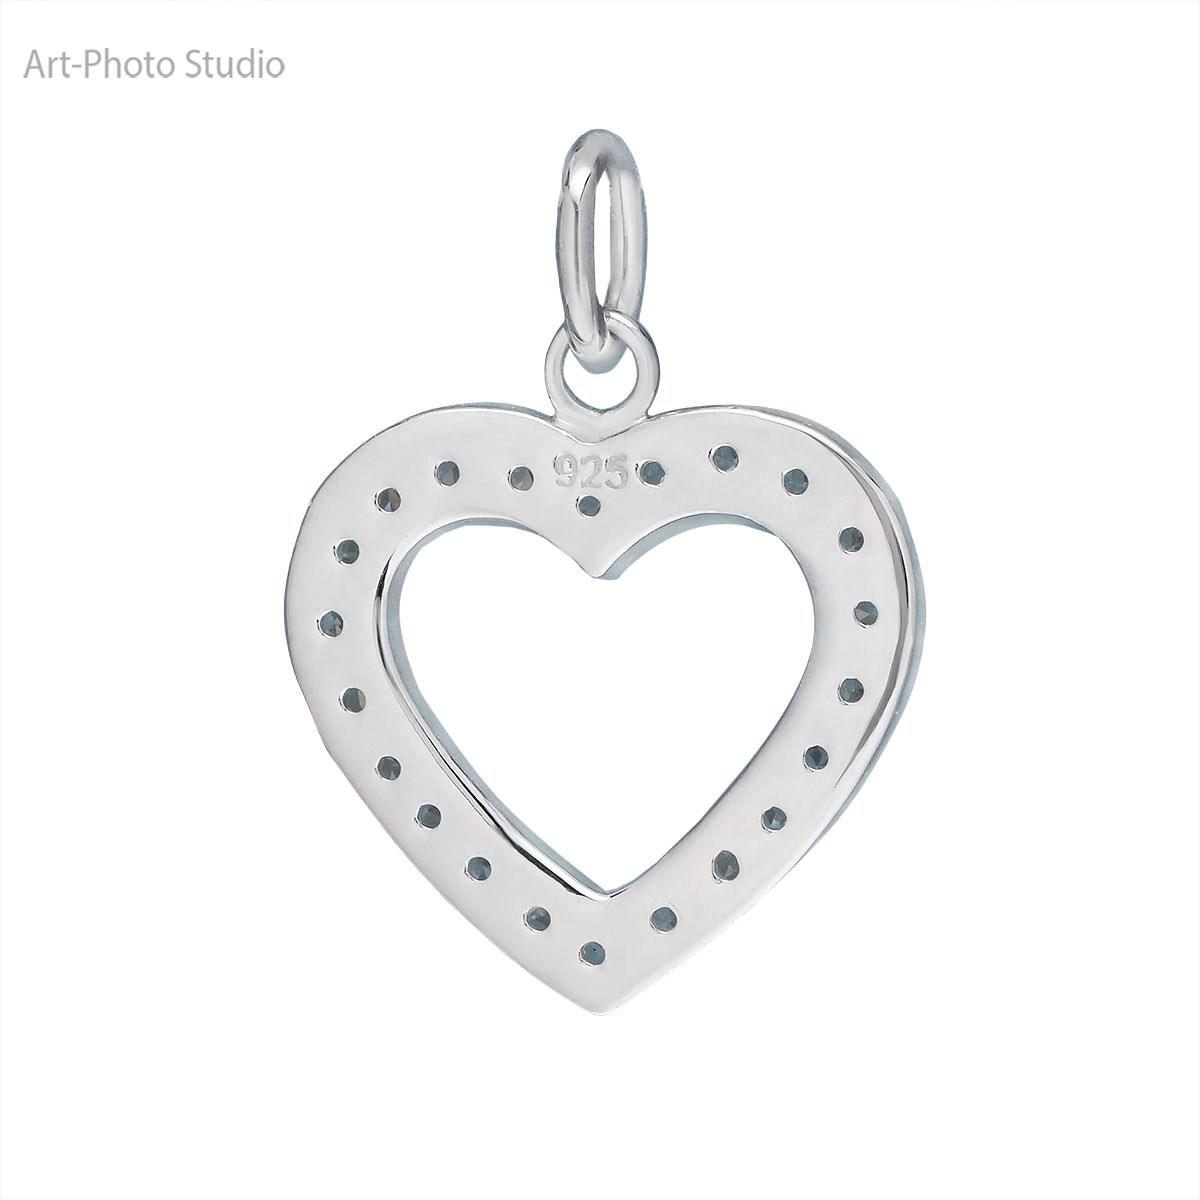 фото ювелирных украшений - кулон из серебра